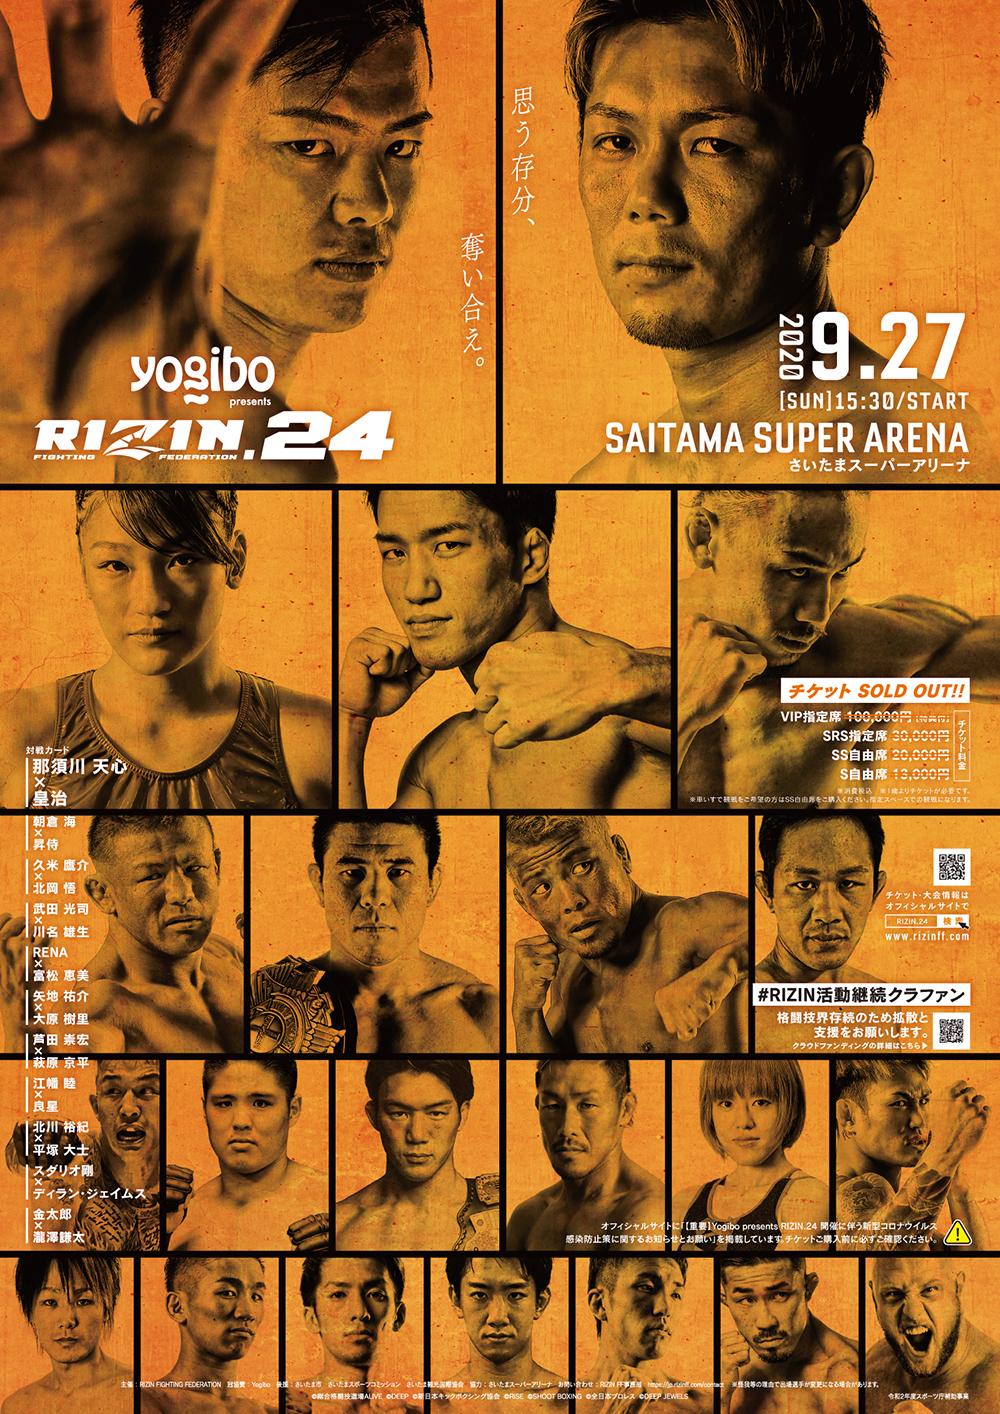 『Yogibo presents RIZIN.24』は9月27日(日)にさいたまスーパーアリーナで開催